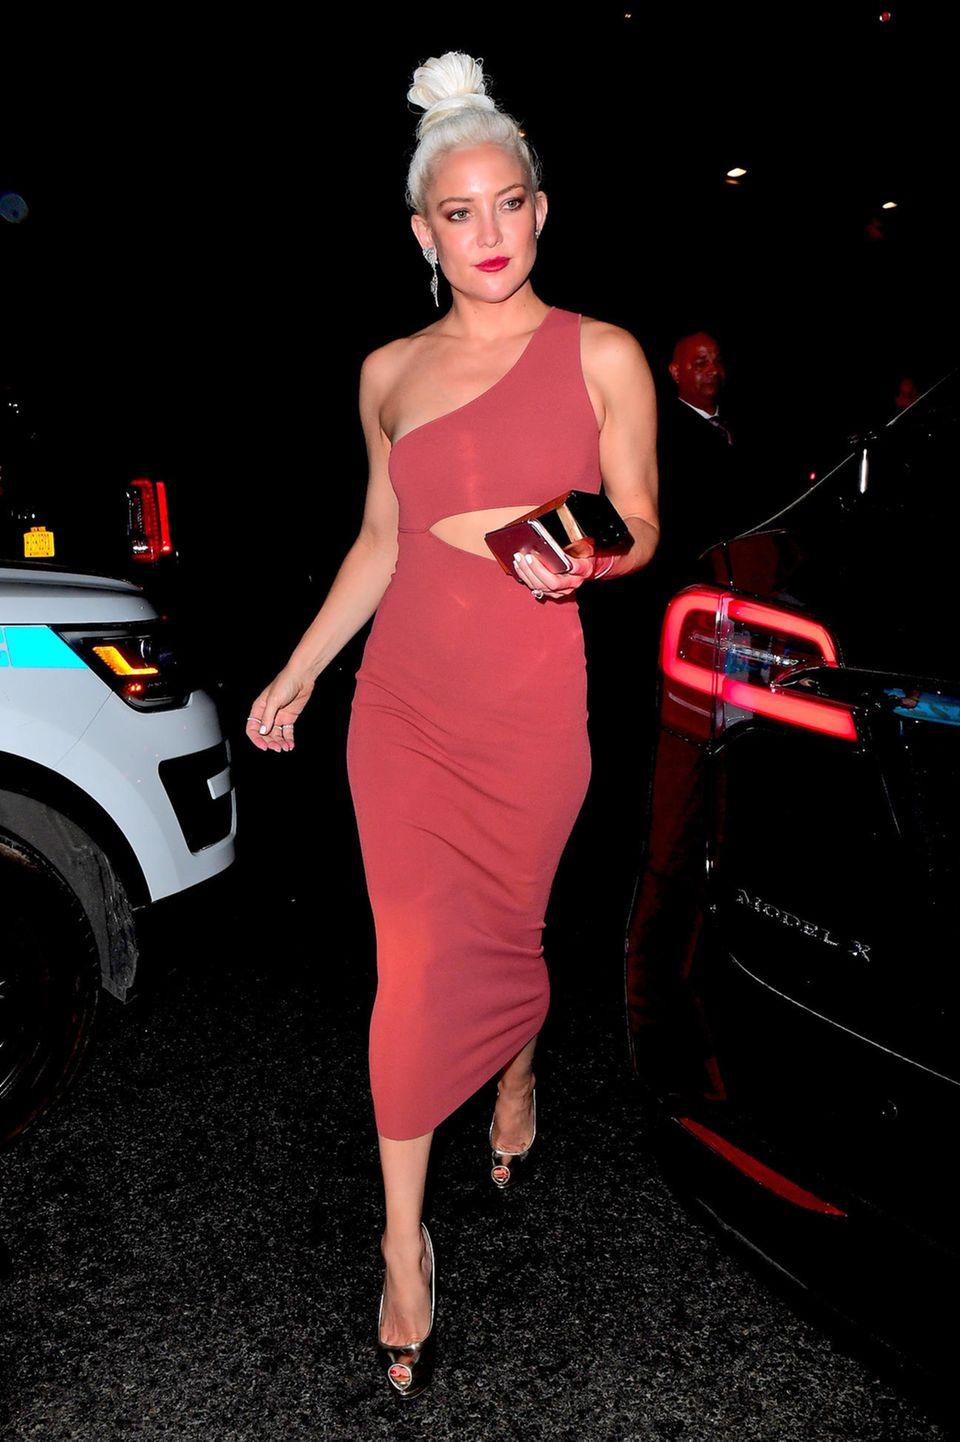 Kate Hudson machte nach der Met Gala noch Party-Hopping. Die Sause von Rihanna besuchte sie in diesem figurbetonten, asymmetrischen Dress.